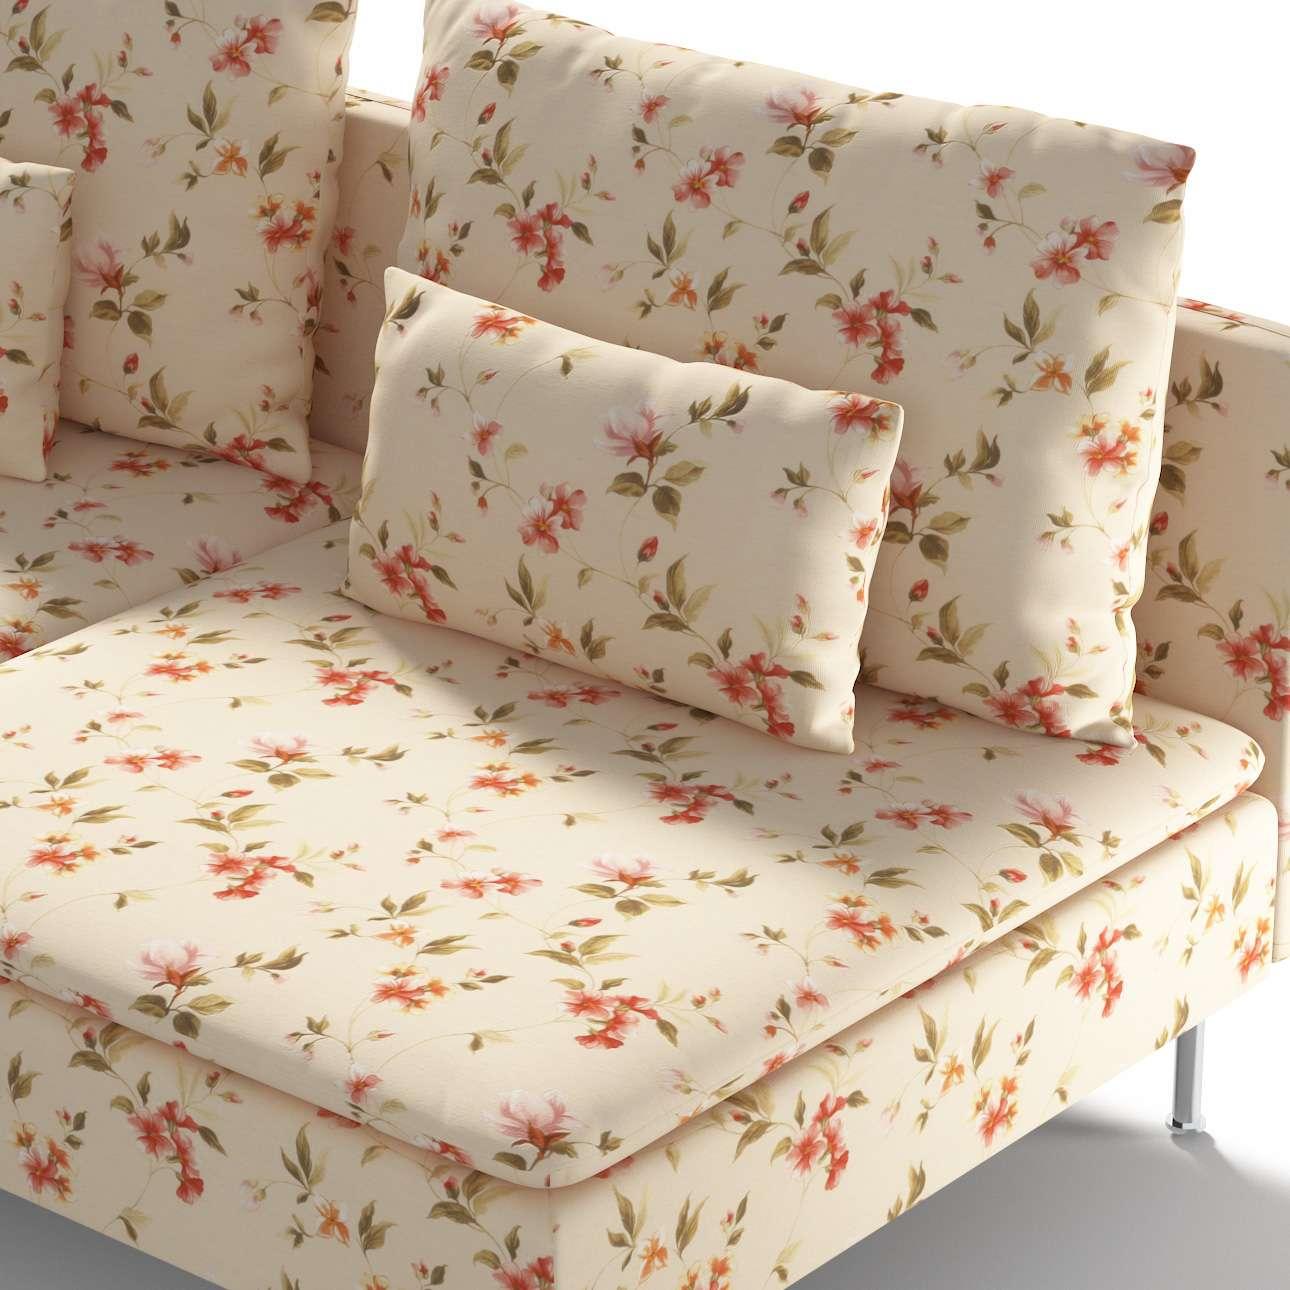 Bezug für Söderhamn Sitzelement 3 von der Kollektion Londres, Stoff: 124-05